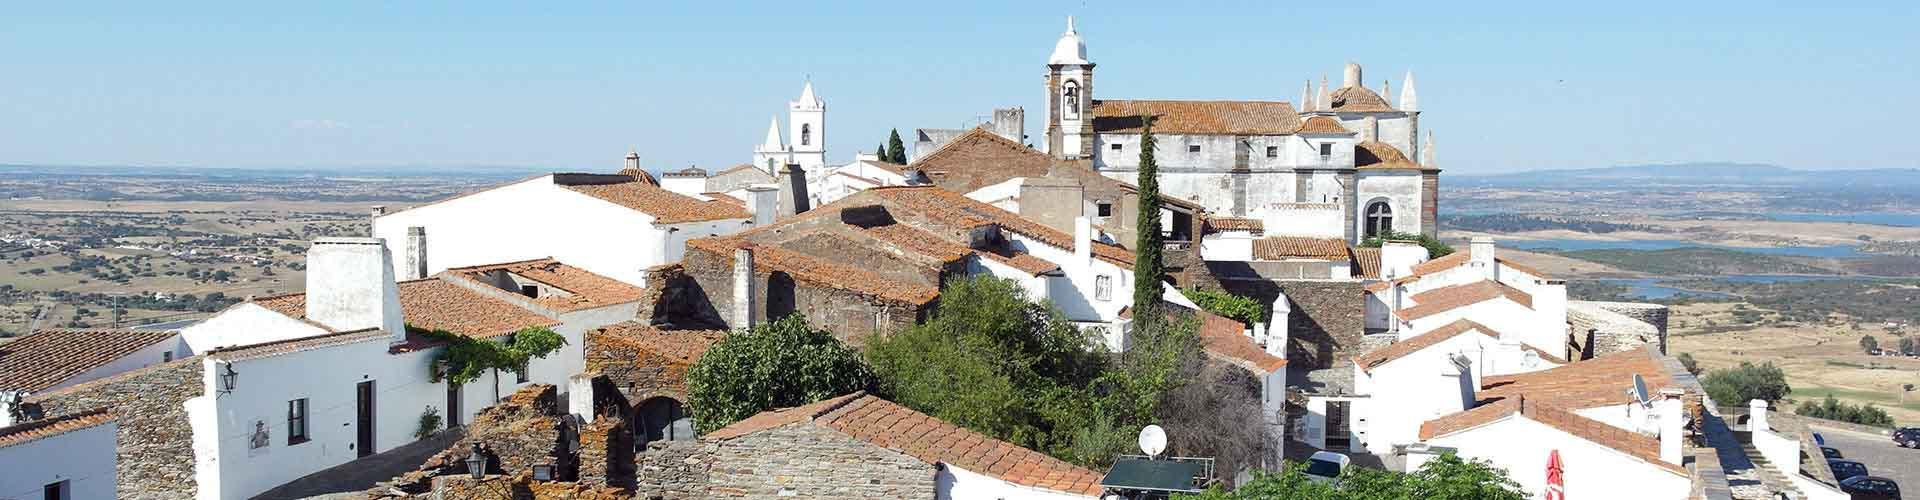 Castelo Branco - Appartments à Castelo Branco. Cartes pour Castelo Branco, photos et commentaires pour chaque appartement à Castelo Branco.